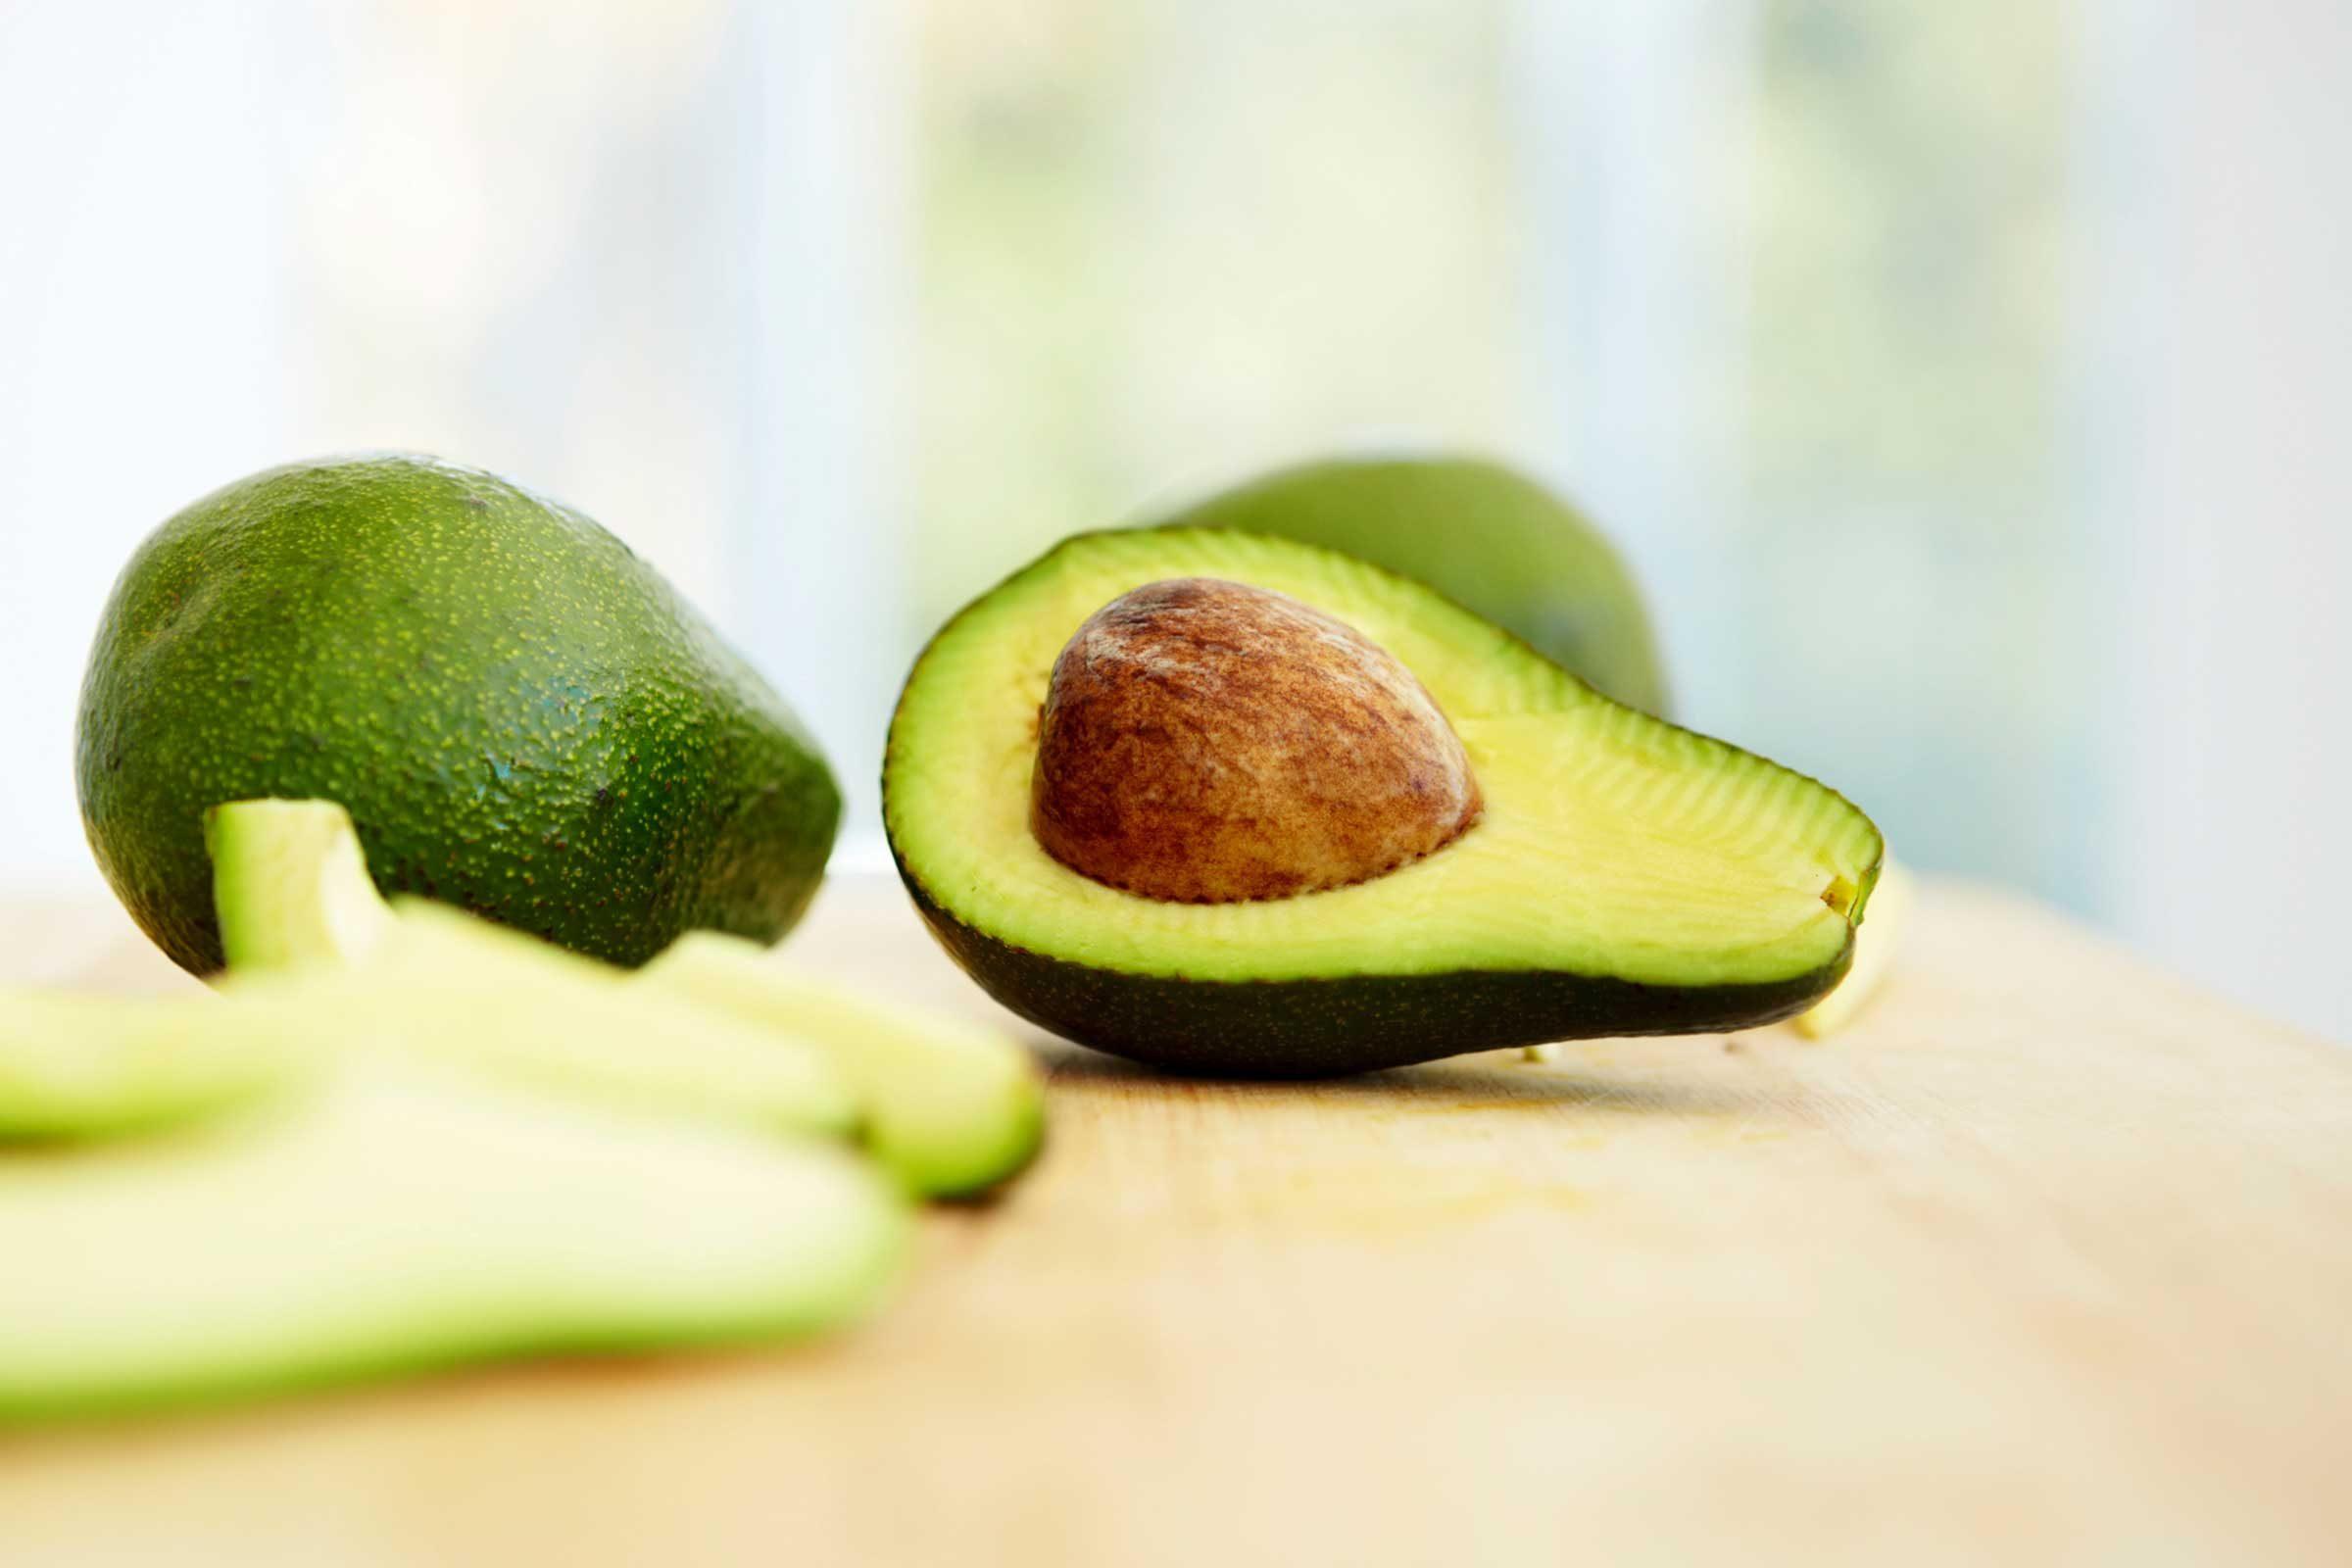 Ripen an avocado